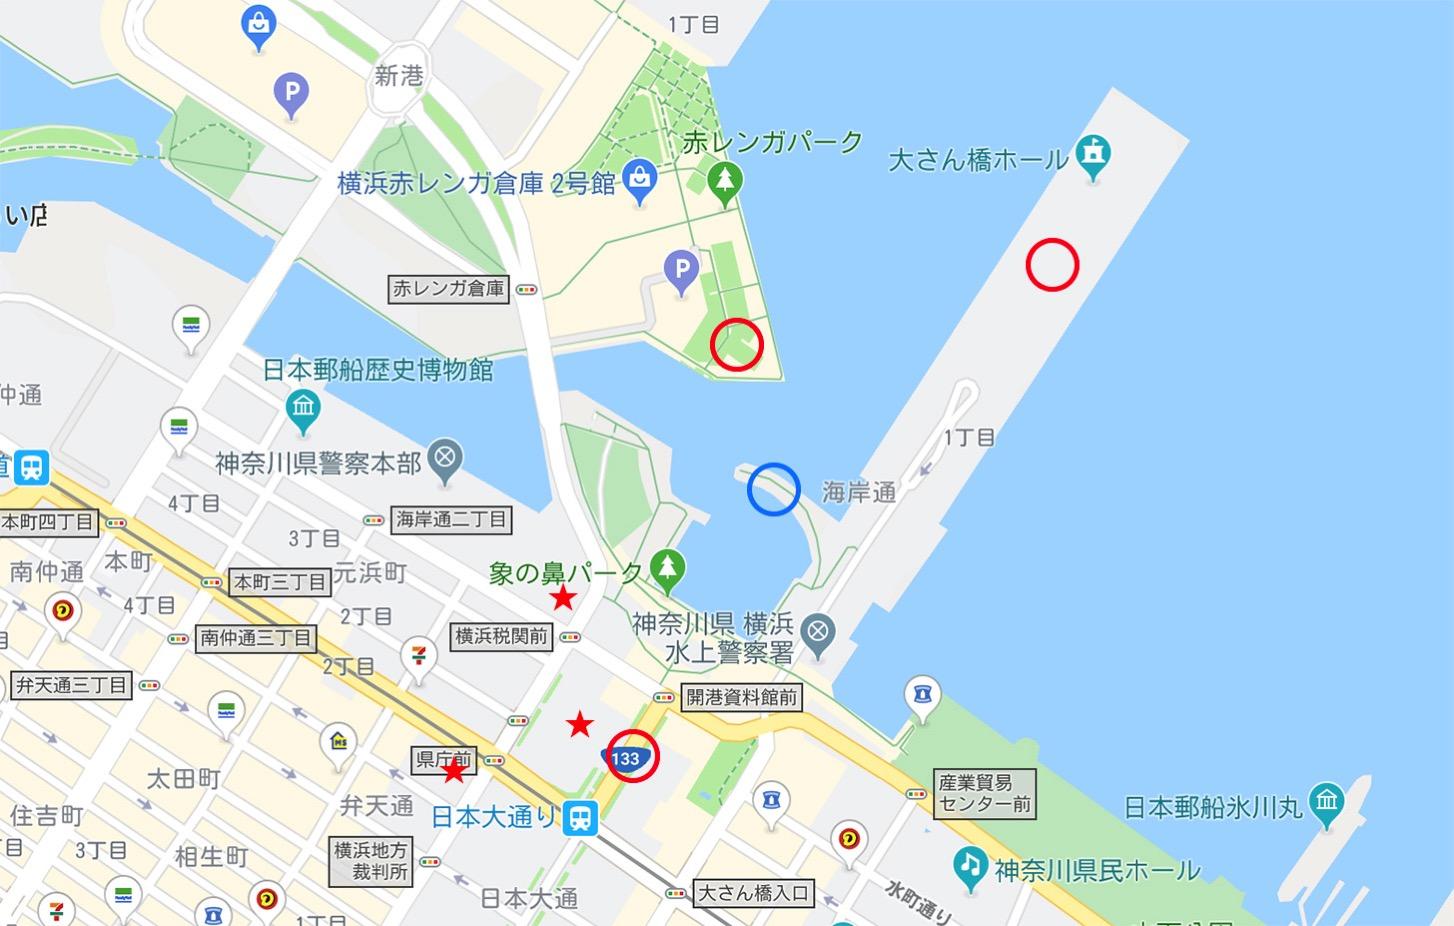 横浜三塔 位置関係とビュースポット